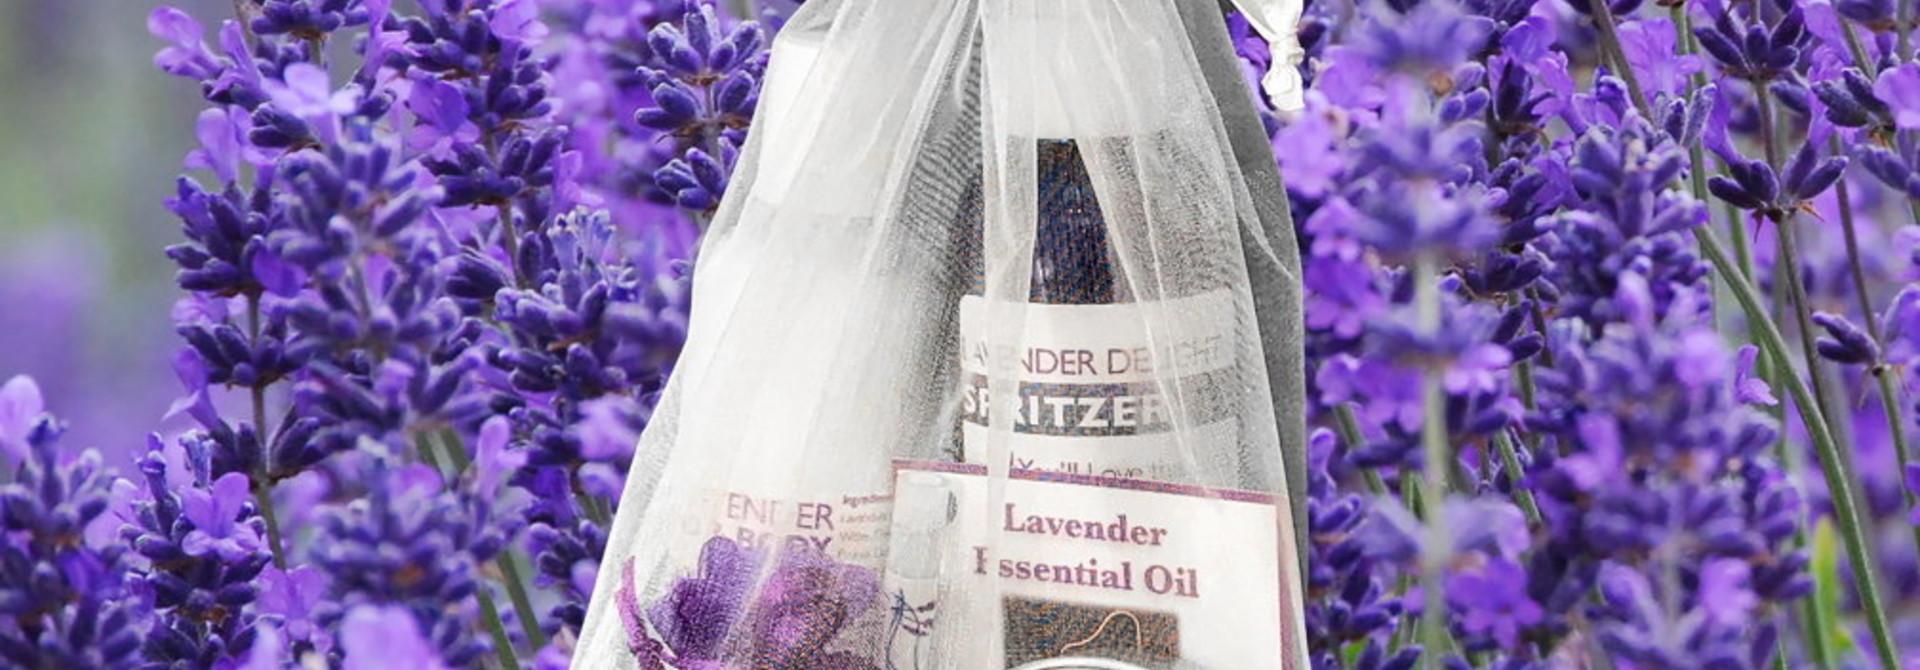 Lavender Gift Sets